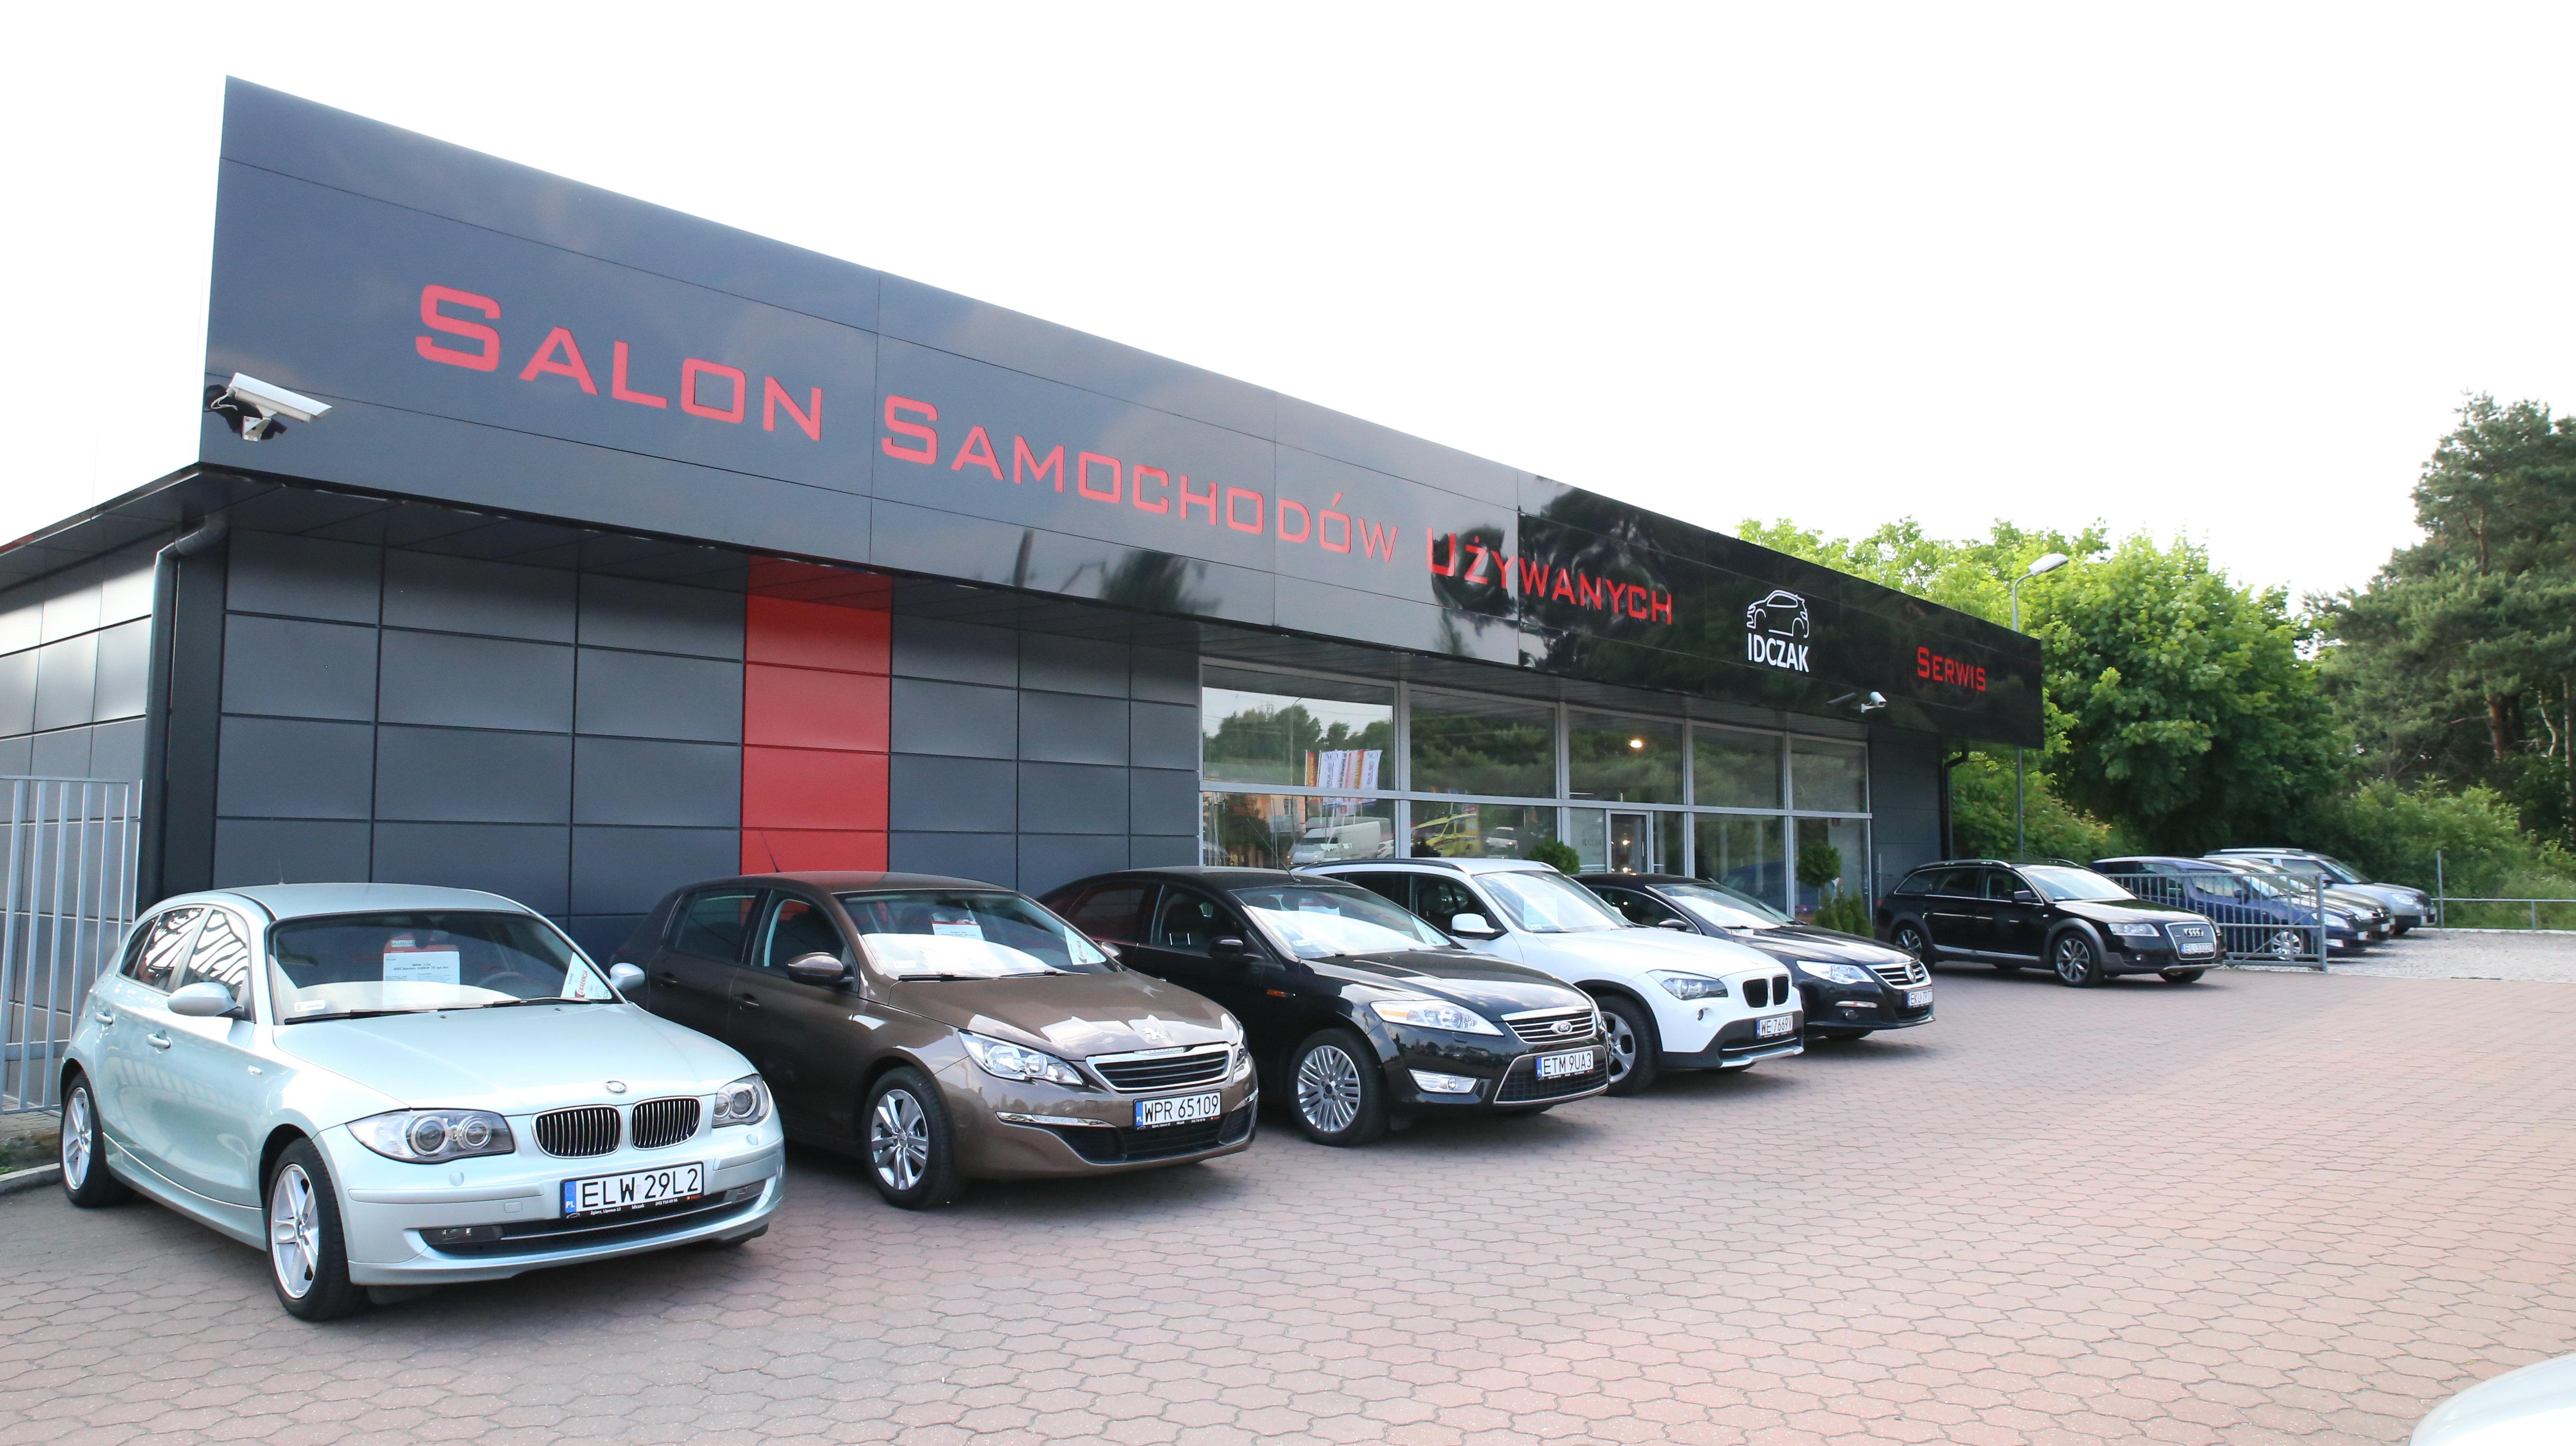 Salon samochodow uzywanych